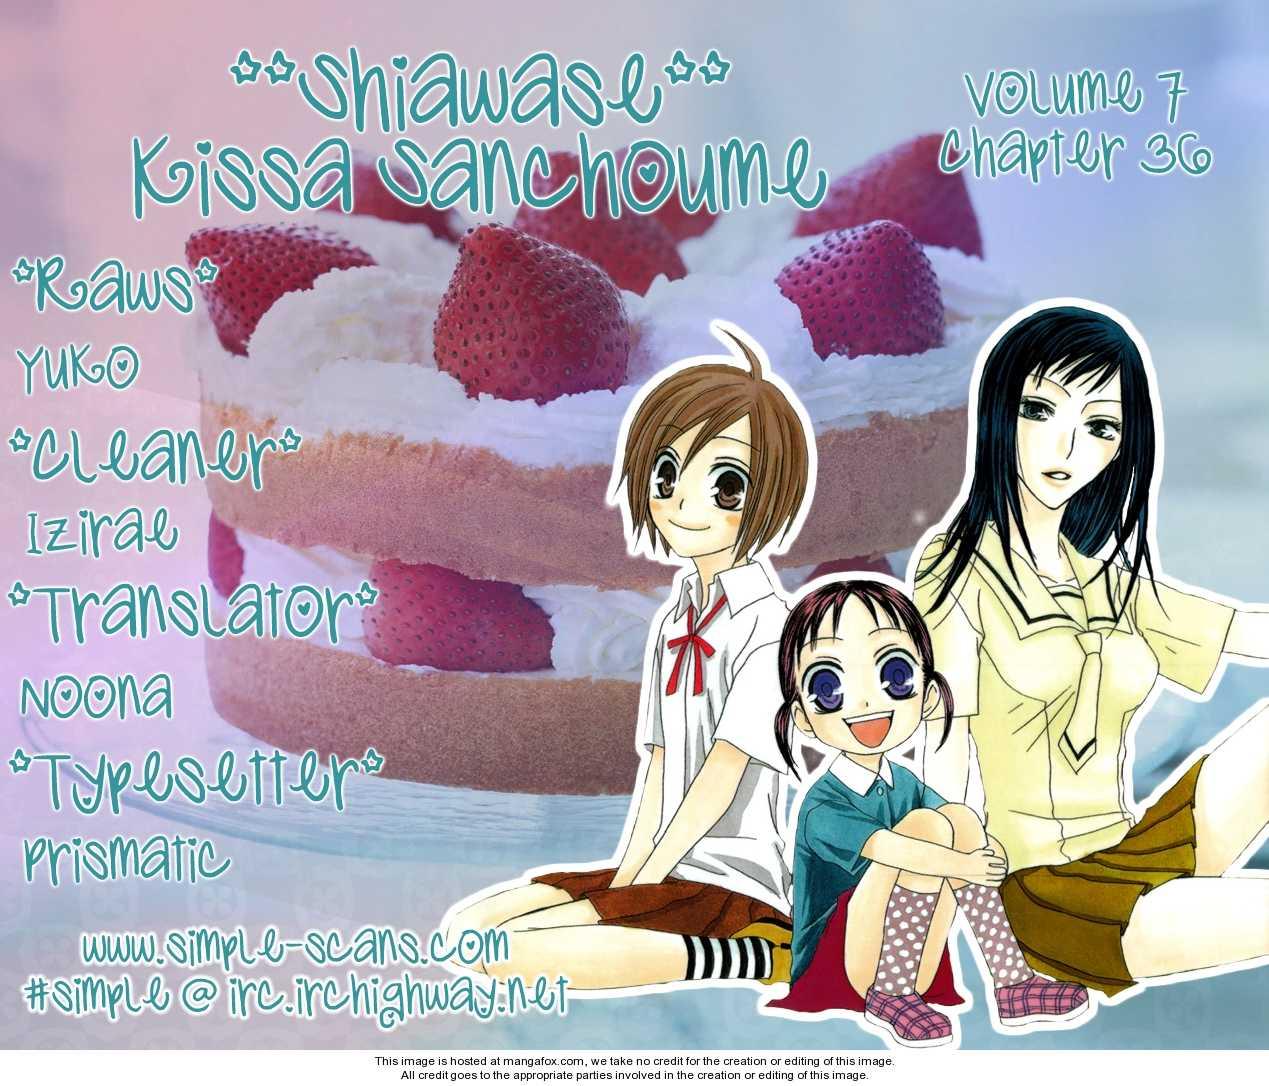 Shiawase Kissa Sanchoume 36 Page 1